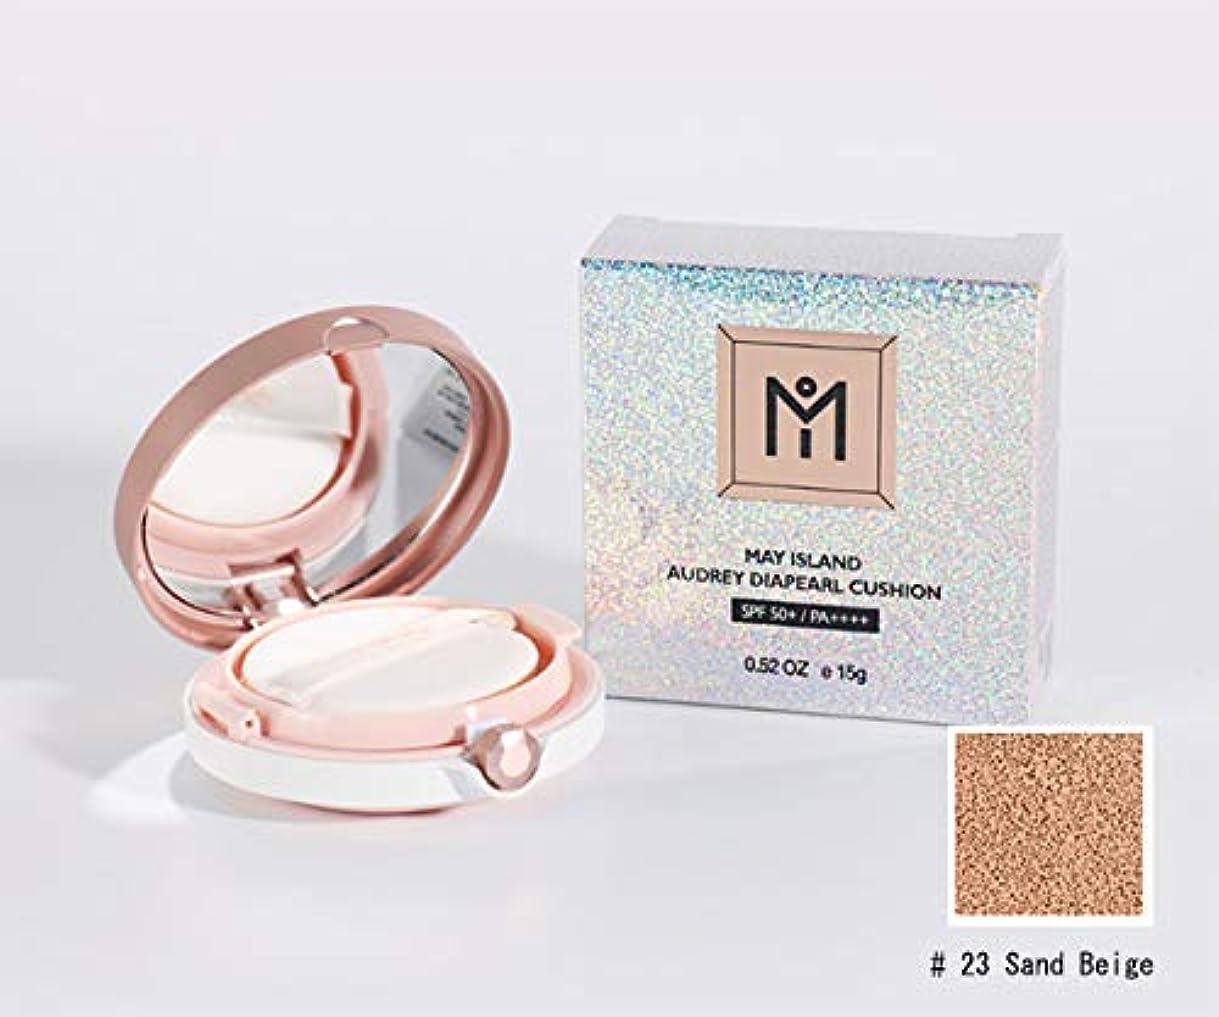 最終的に退屈不条理[MAY ISLAND] AUDREY DIAPEARL CUSHION[#23.Sand Beige] ダイヤモンドパールクッション SPF50+/ PA++++[美白、シワの改善、紫外線遮断3の機能性化粧品]韓国の人気...